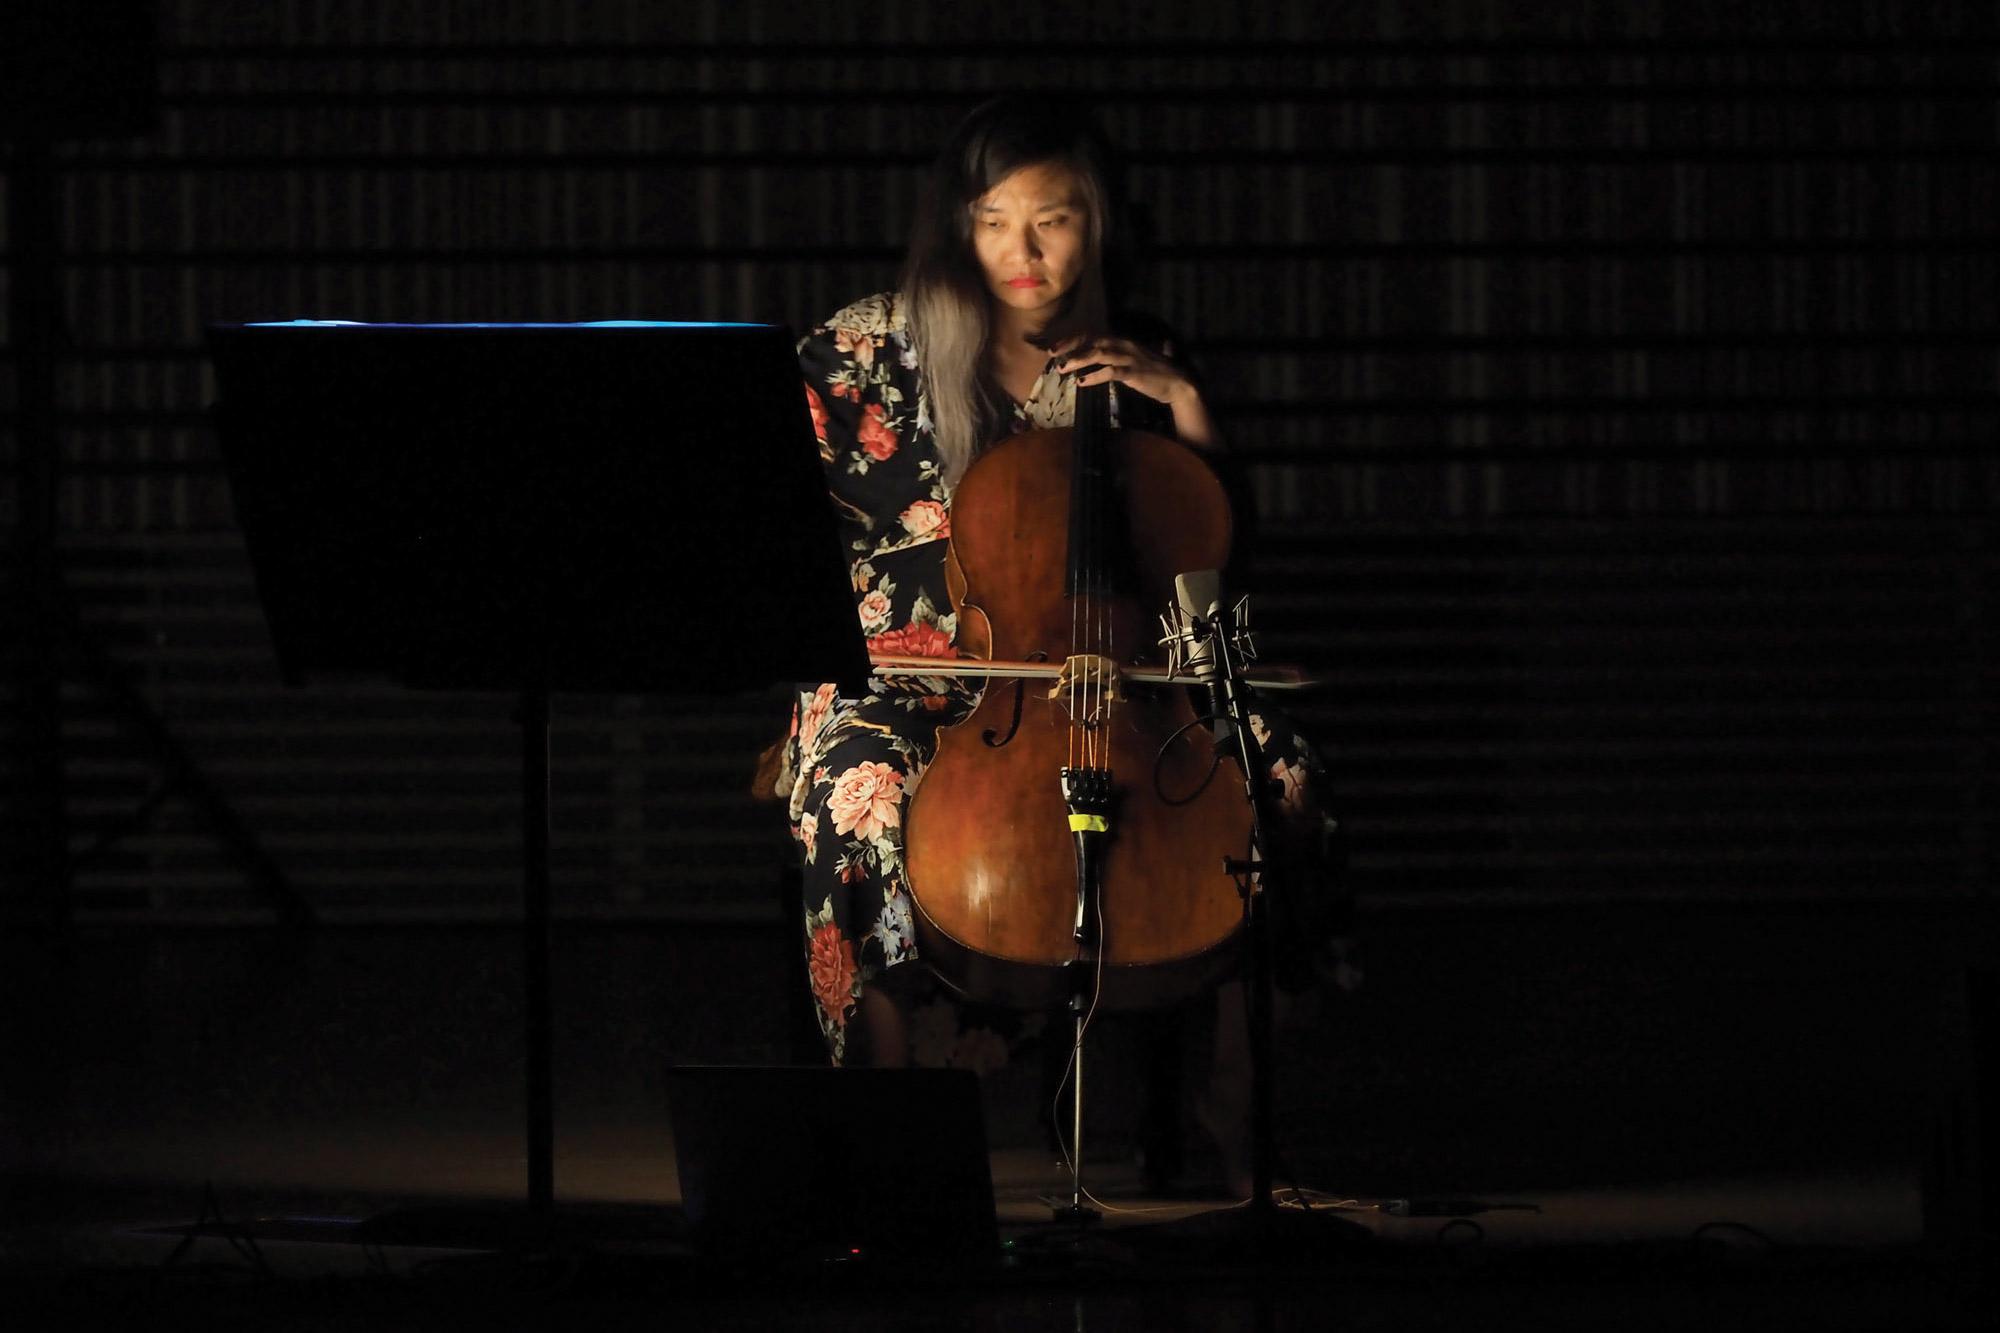 Spatial Audio Concert | Experimental Media and Performing Arts